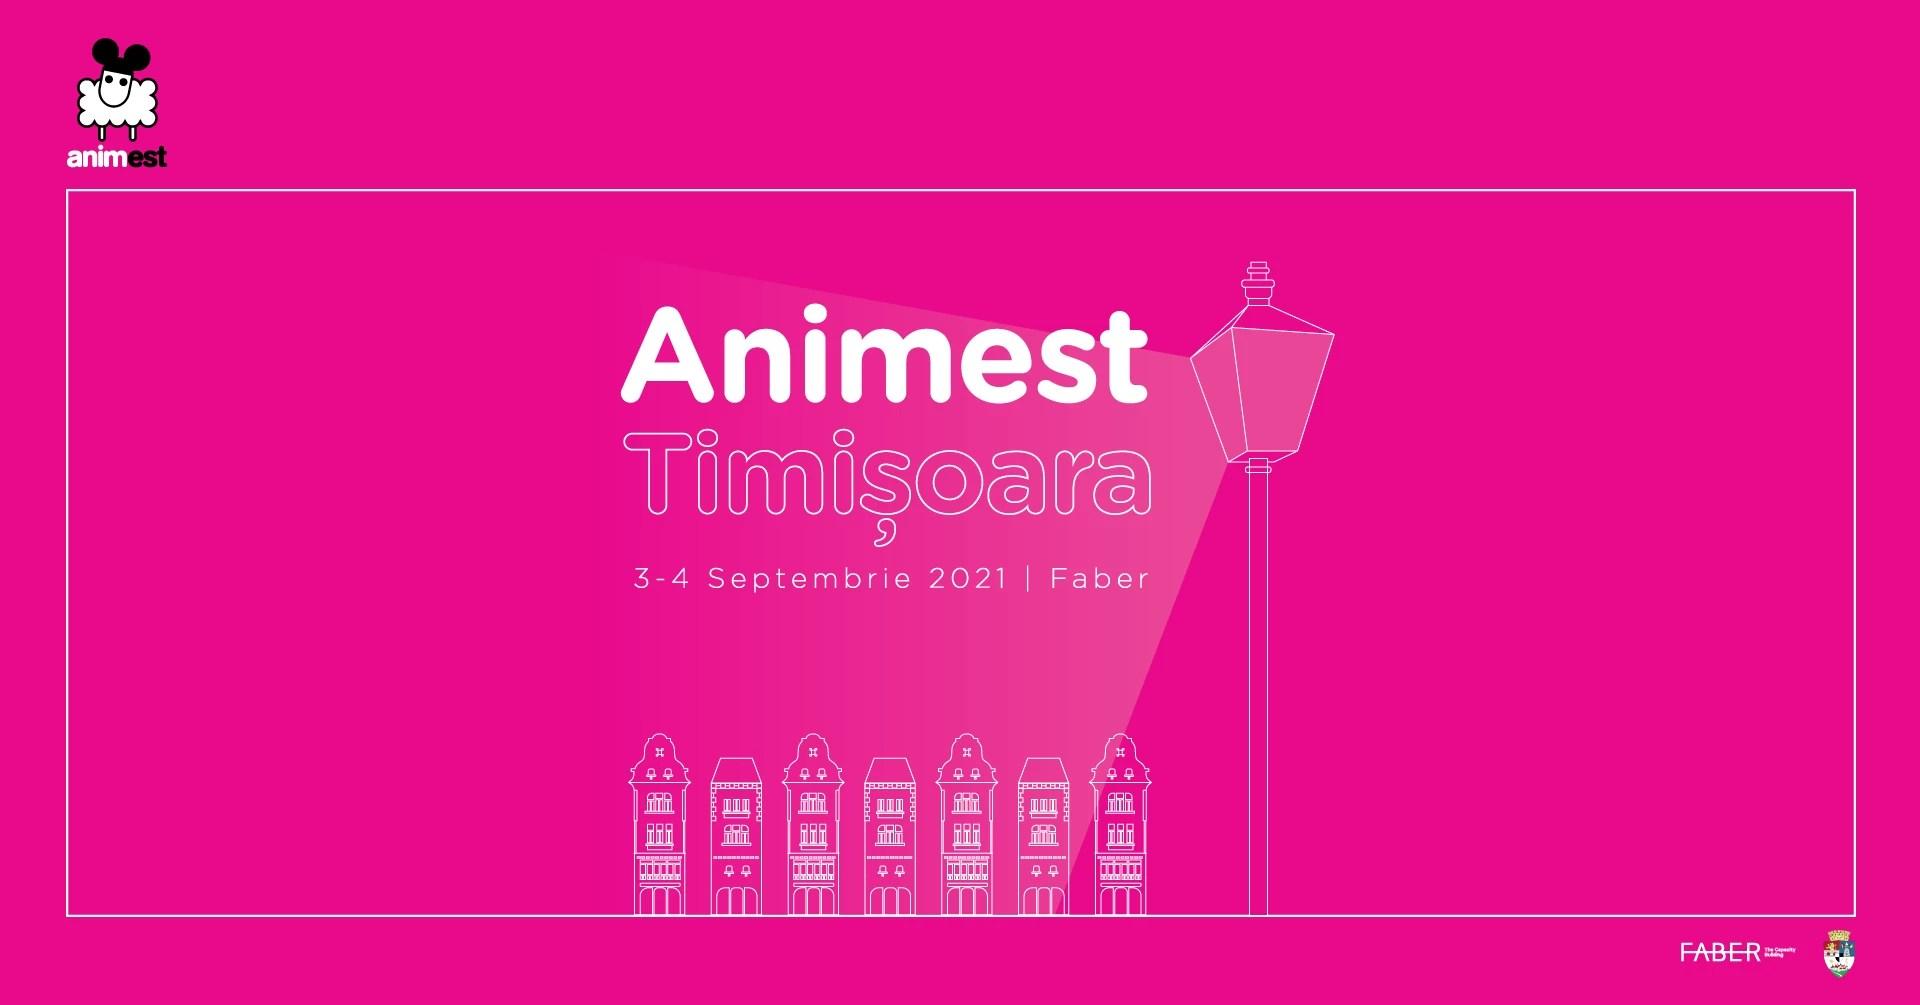 Animest Timisoara 2021 (Editia 1) - 3-4 septembrie 2021